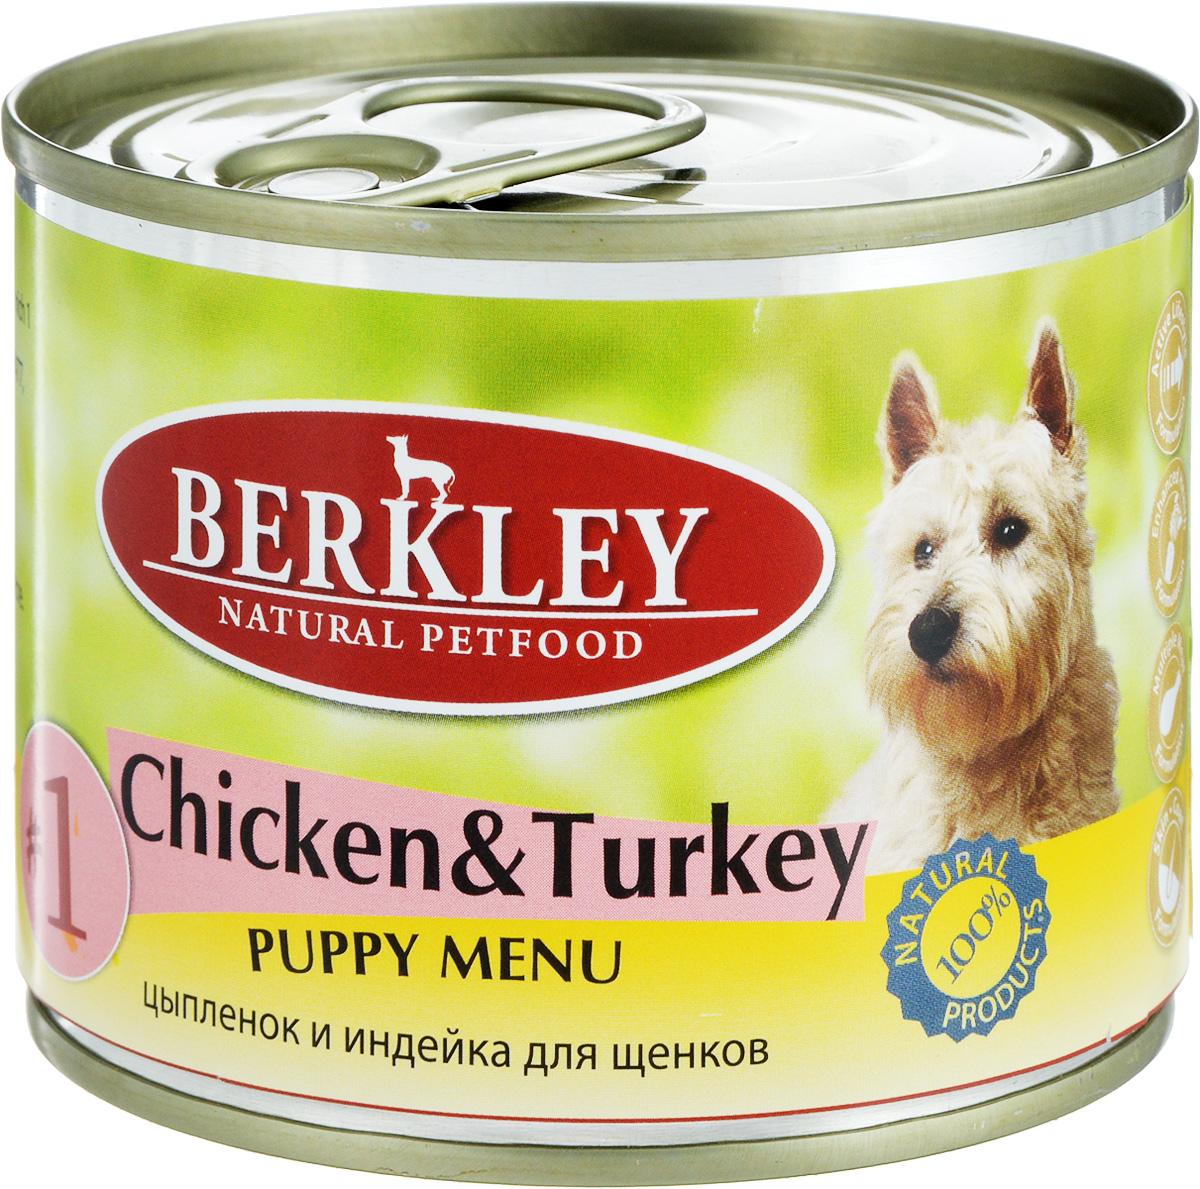 Консервы Berkley Puppy Menu, для щенков, цыпленок с индейкой, 200 г0120710Консервы Berkley Puppy Menu - полноценное консервированное питание для щенков. Не содержат сои, консервантов, искусственных красителей и ароматизаторов. Корм полностью удовлетворяет ежедневные энергетические потребности животного и обеспечивает оптимальное функционирование пищеварительной системы.Товар сертифицирован.